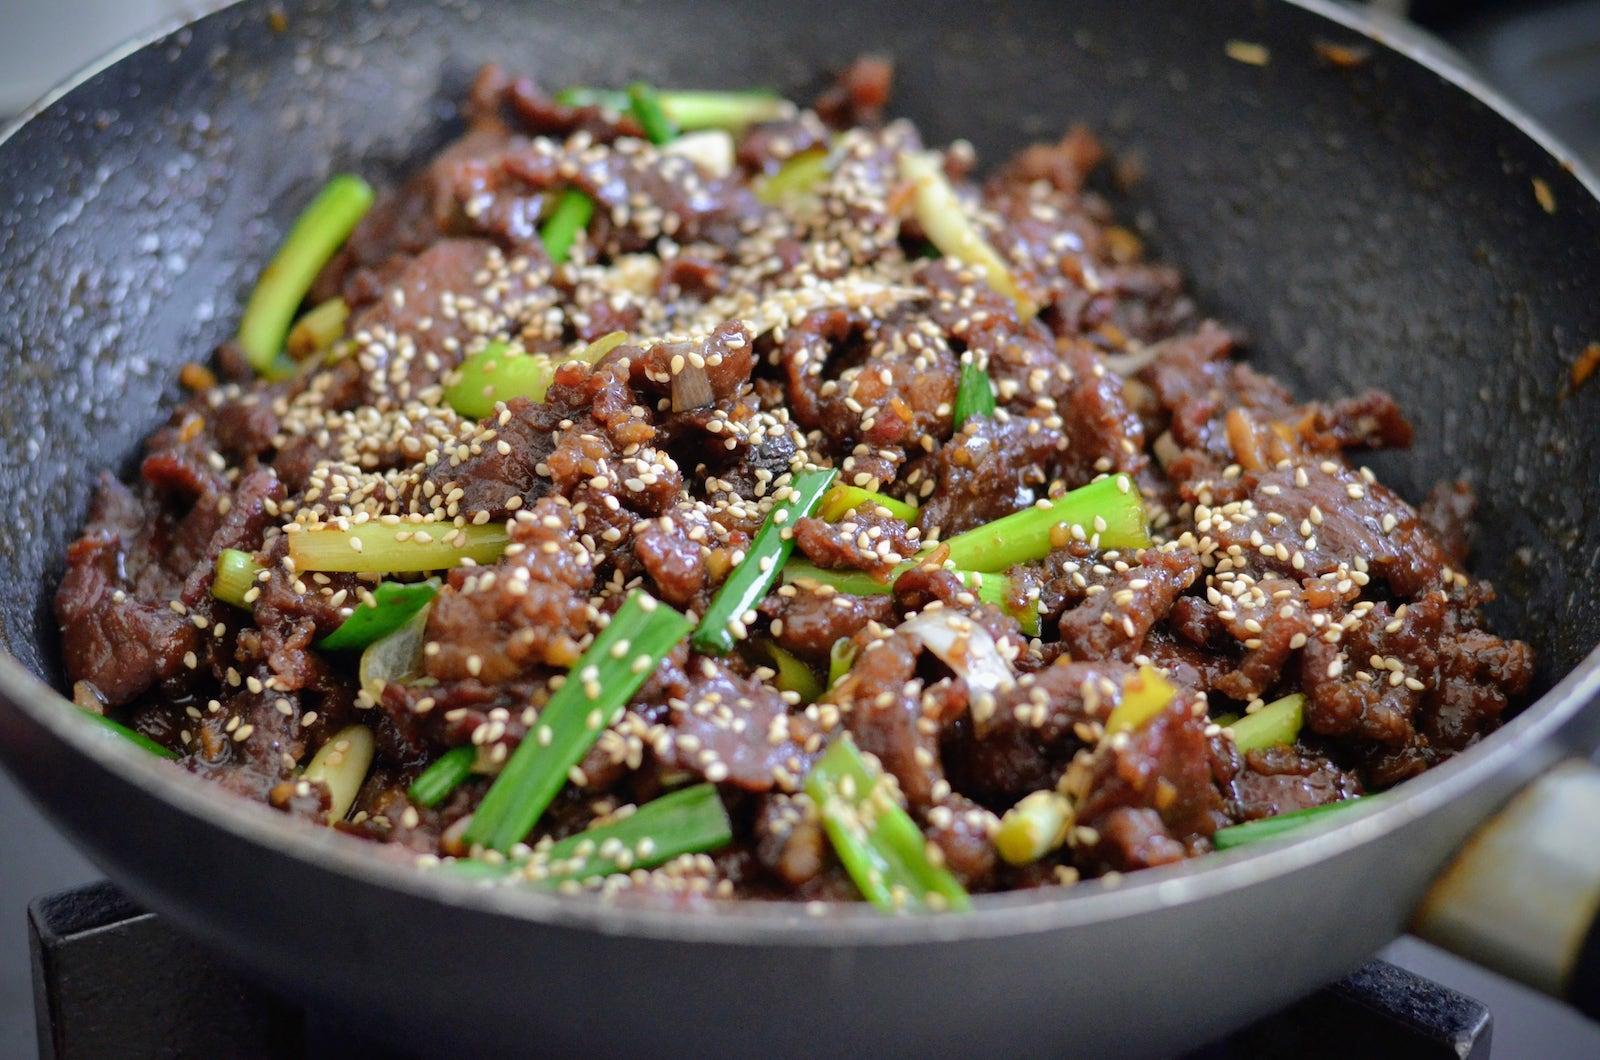 Monggolian beef na binudburan ng tinustang linga